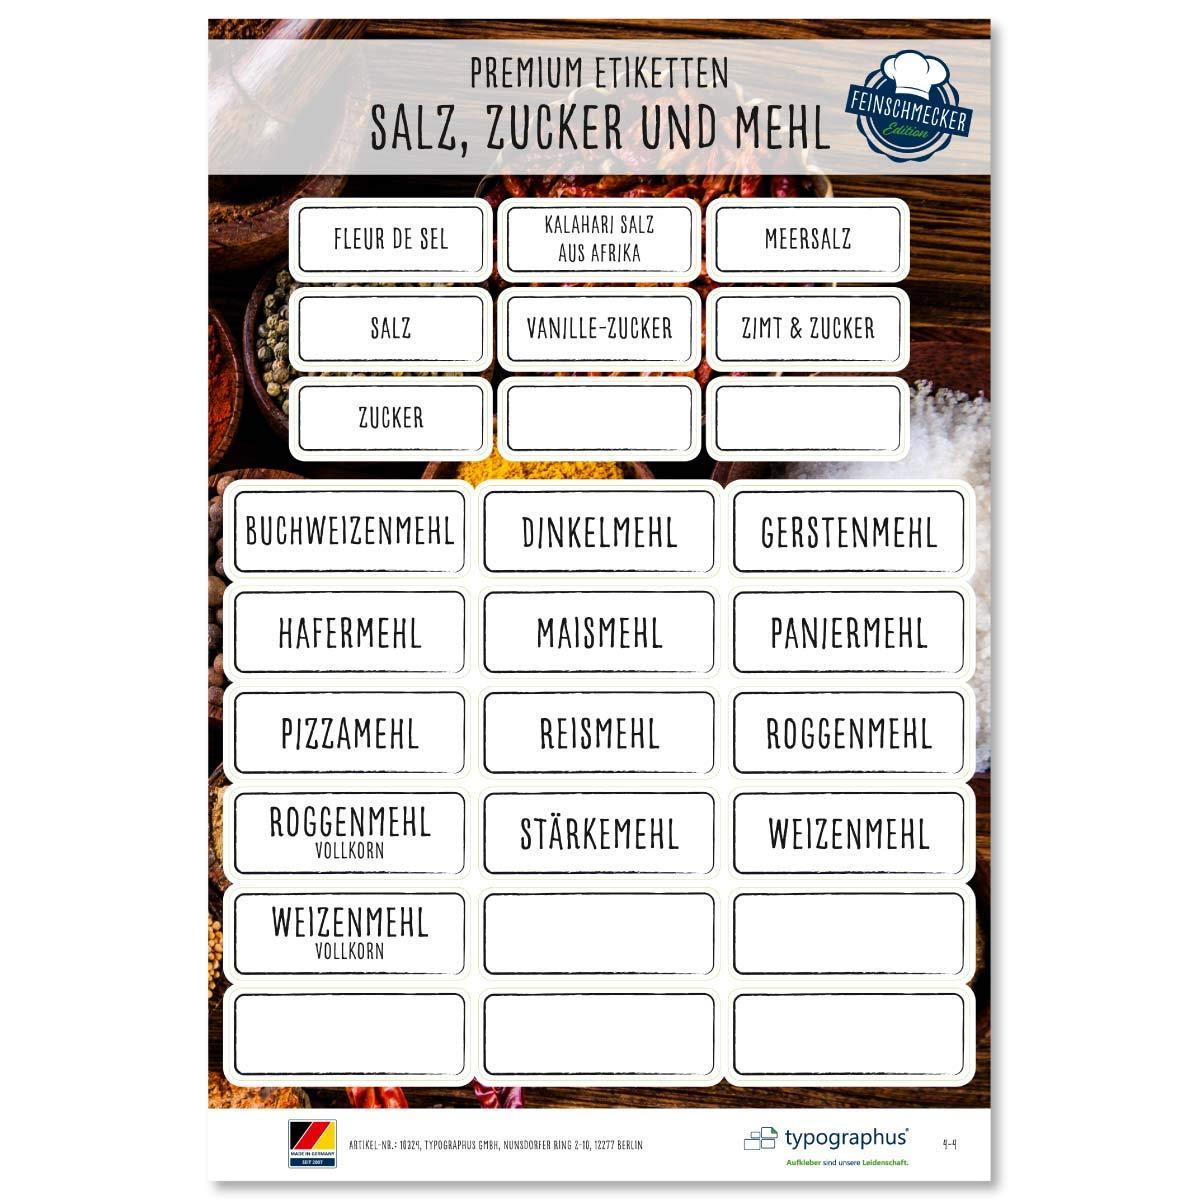 117 adhesivo para especias harina sal /& az/úcar resistente al agua para vasos Etiquetas para especias Feinschmer Edition 2019 color negro//blanco latas y estanter/ías